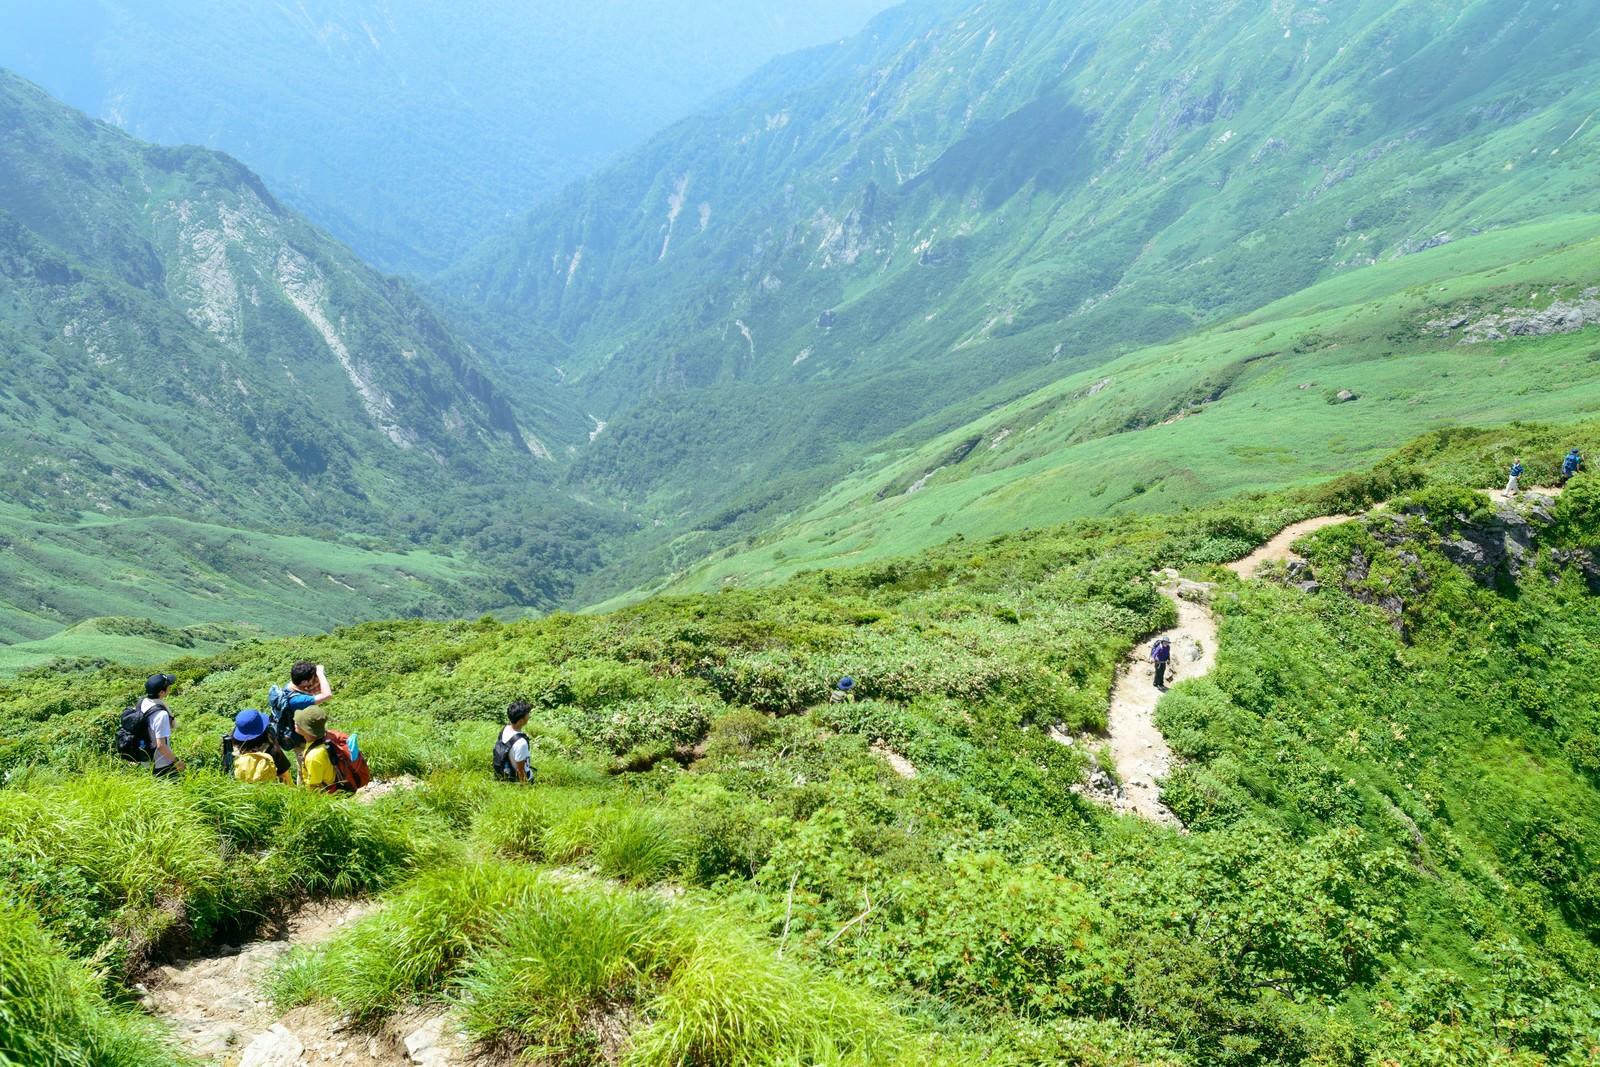 「谷川岳にあるオキの耳を目指す登山者達」の写真